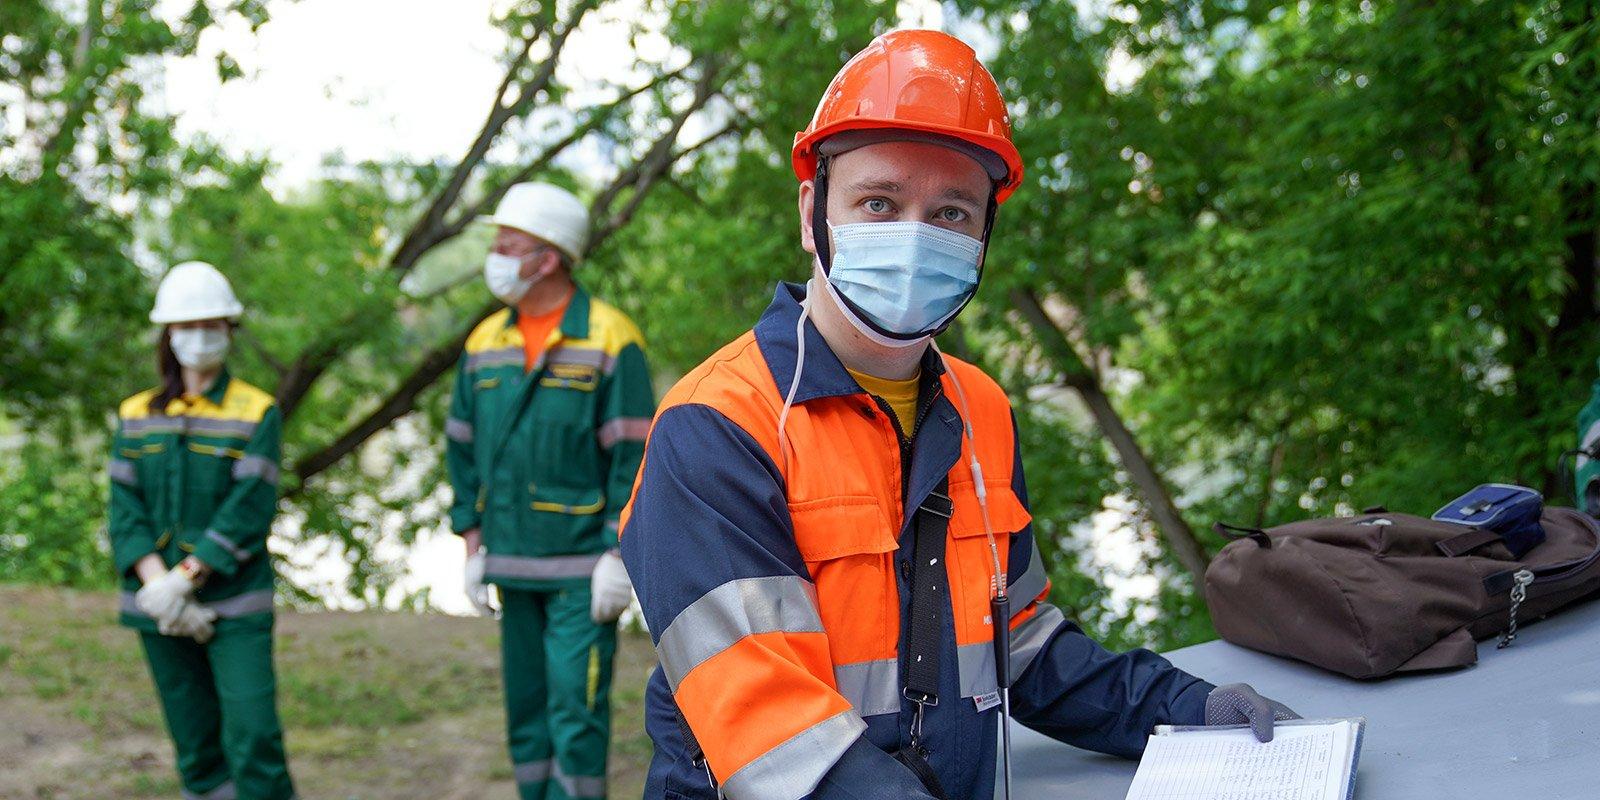 Михаил Савкин, техник по эксплуатации комплекса. Фото: mos.ru. Евгений Самарин